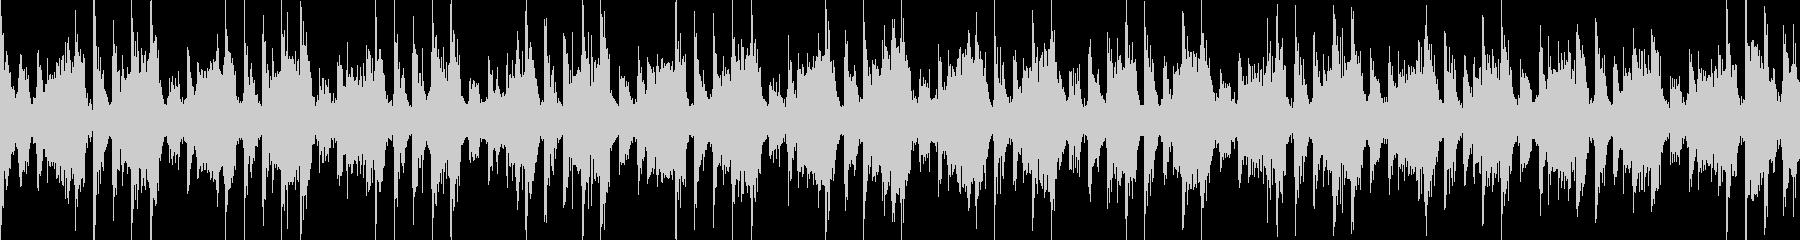 ピコピコ音の楽しいイージーリスニング曲の未再生の波形